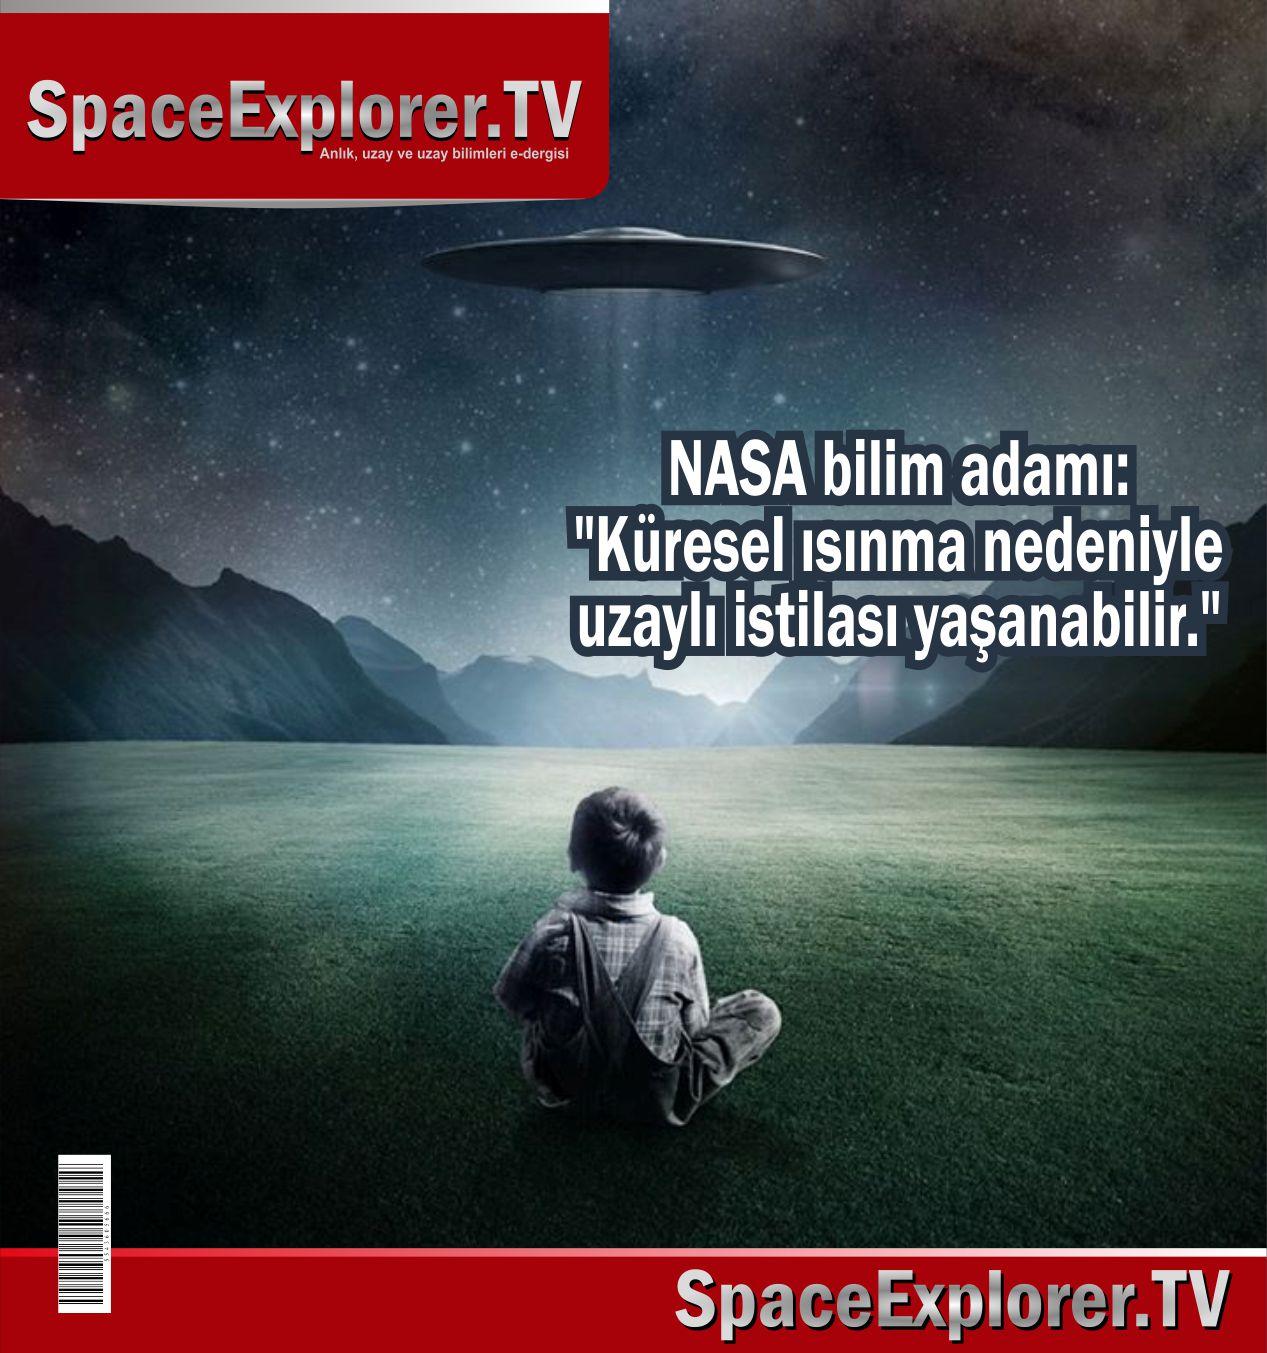 NASA, Uzaylı istilası, Uzayda hayat var mı?, Evrende yalnız mıyız?, Mars, Mars'ta yaşam var mı, Uzaylı teknolojisi, Küresel ısınma, Space Explorer,